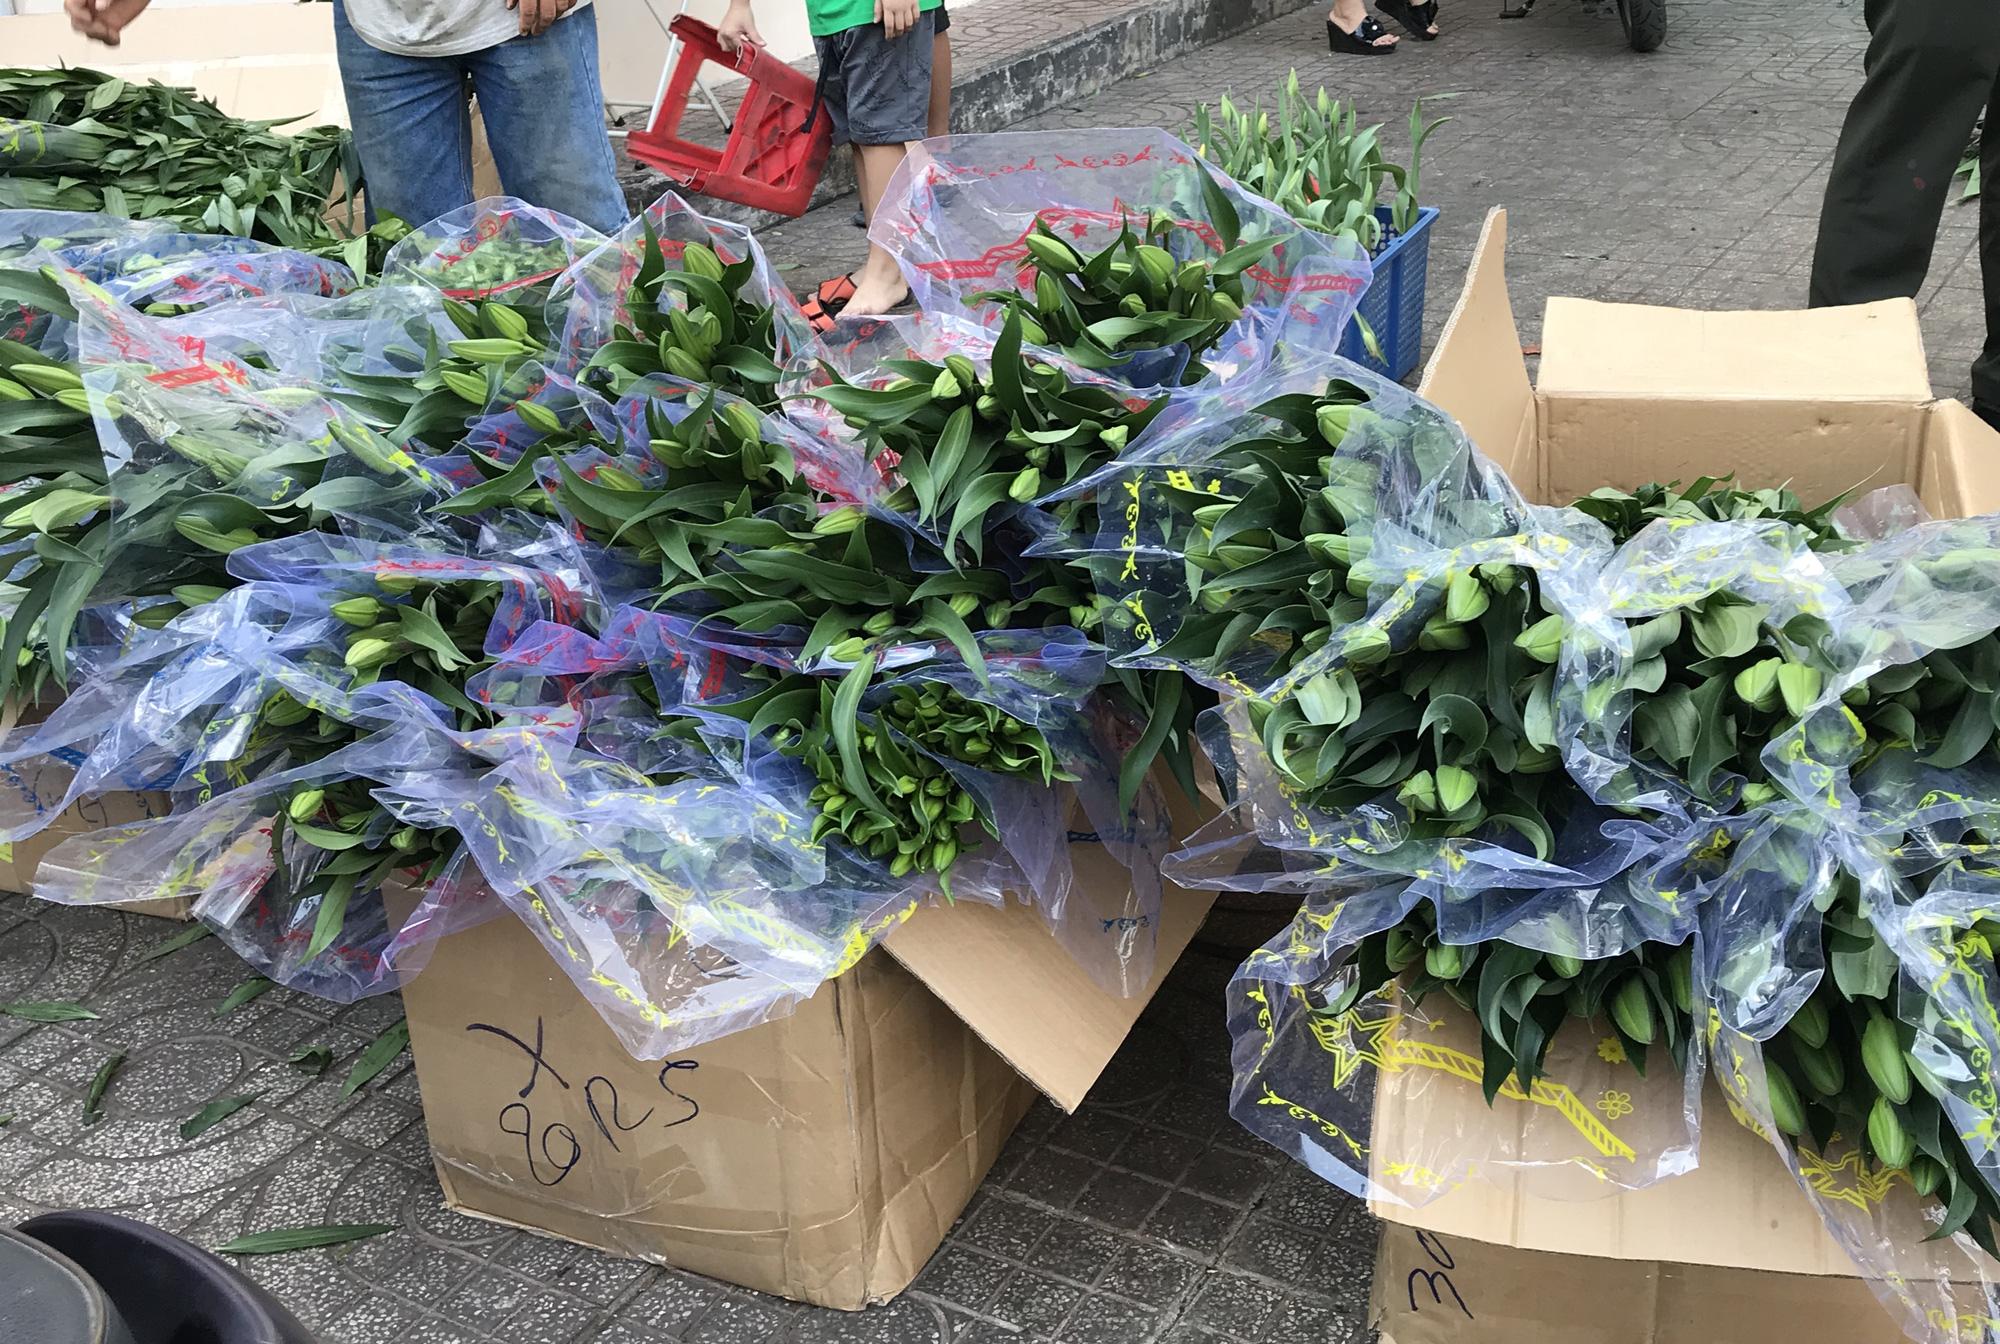 Hoa tươi tại 2 chợ hoa sỉ lớn nhất Sài Gòn chất đống lên xe rác trưa 30 Tết - Ảnh 9.